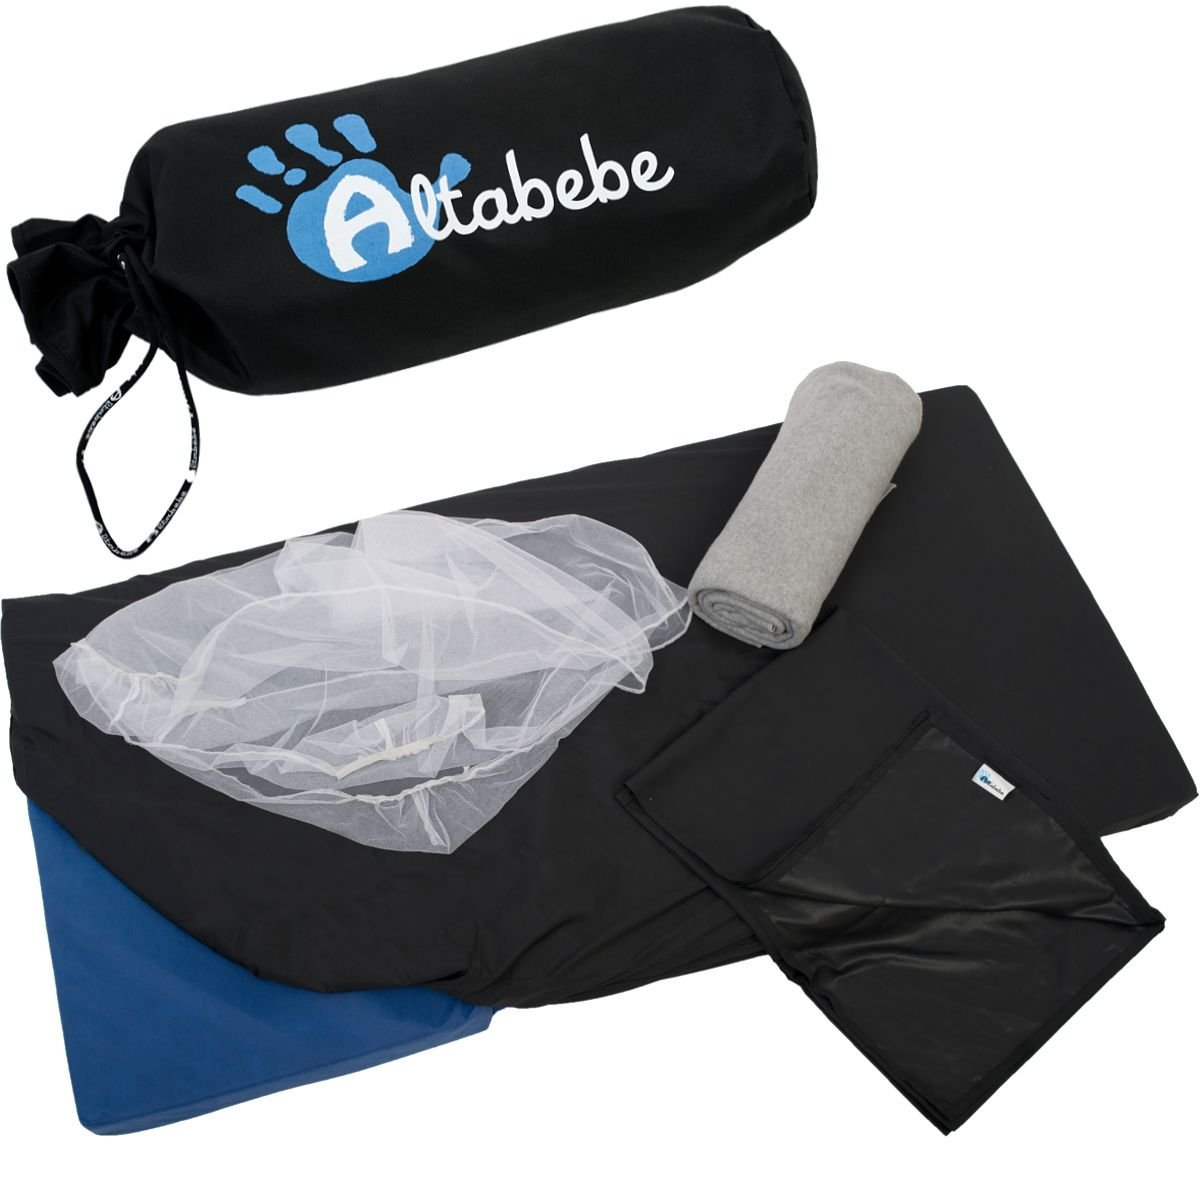 Набор аксессуаров для путешествий 4 в 1: москитная сетка, одеяло из флиса, сумка, простыня, чехолАксессуары для путешествий и прогулок<br>Набор аксессуаров для путешествий 4 в 1: москитная сетка, одеяло из флиса, сумка, простыня, чехол<br>